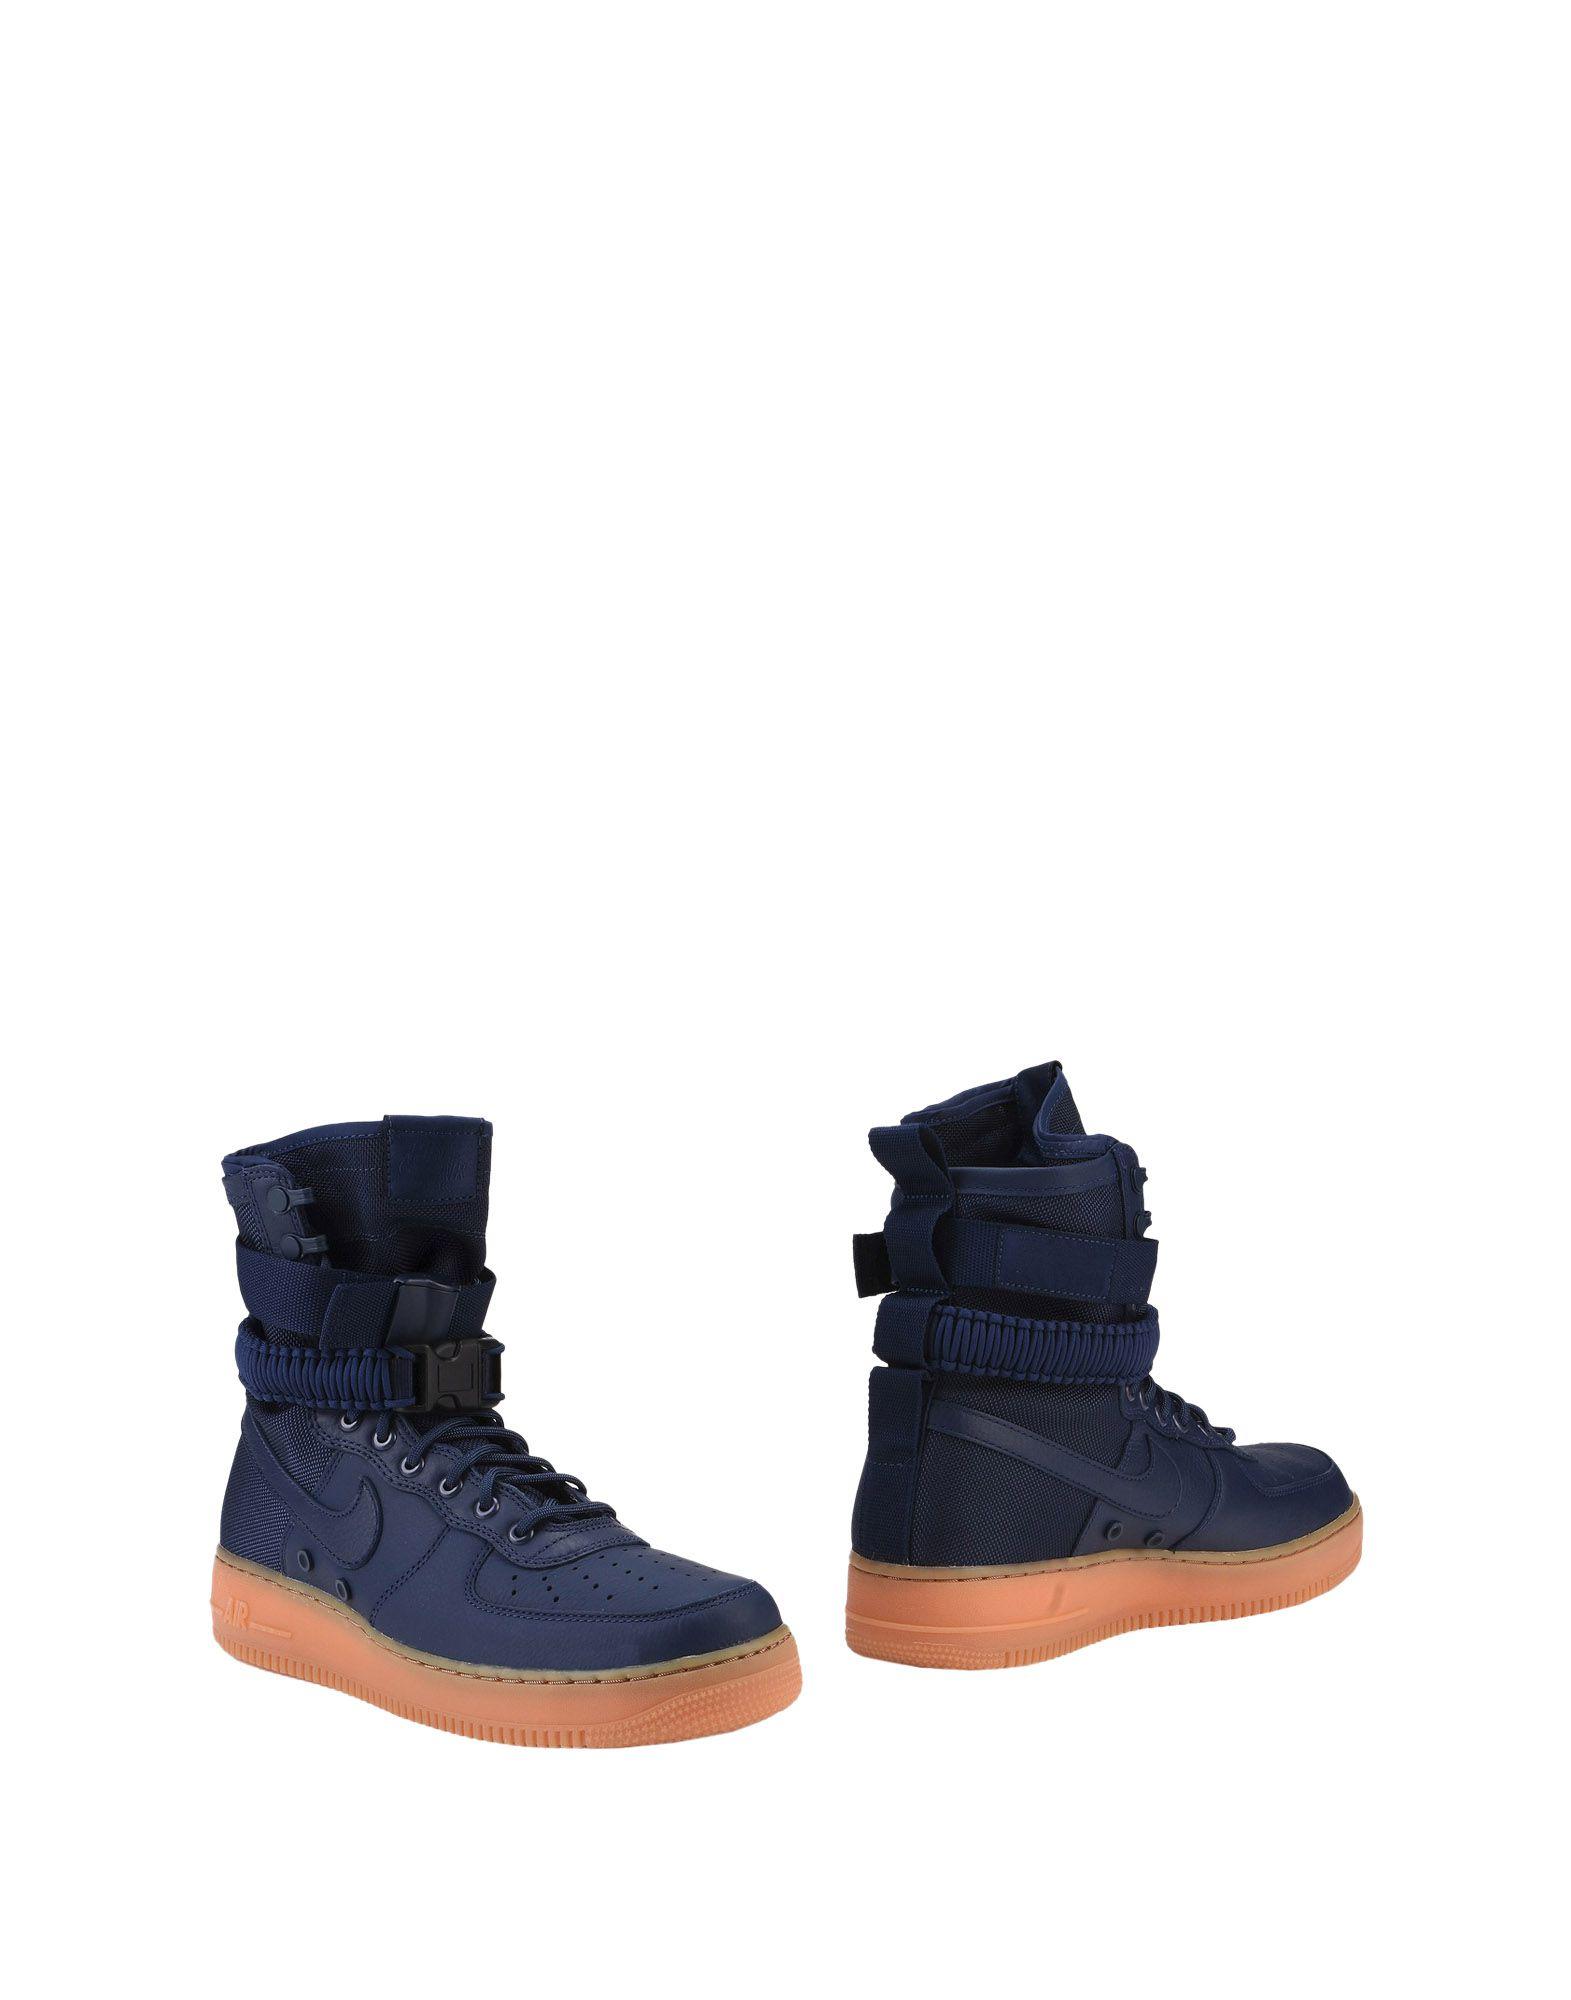 Sneakers Nike Sf Af1 - Uomo - 11404927AQ